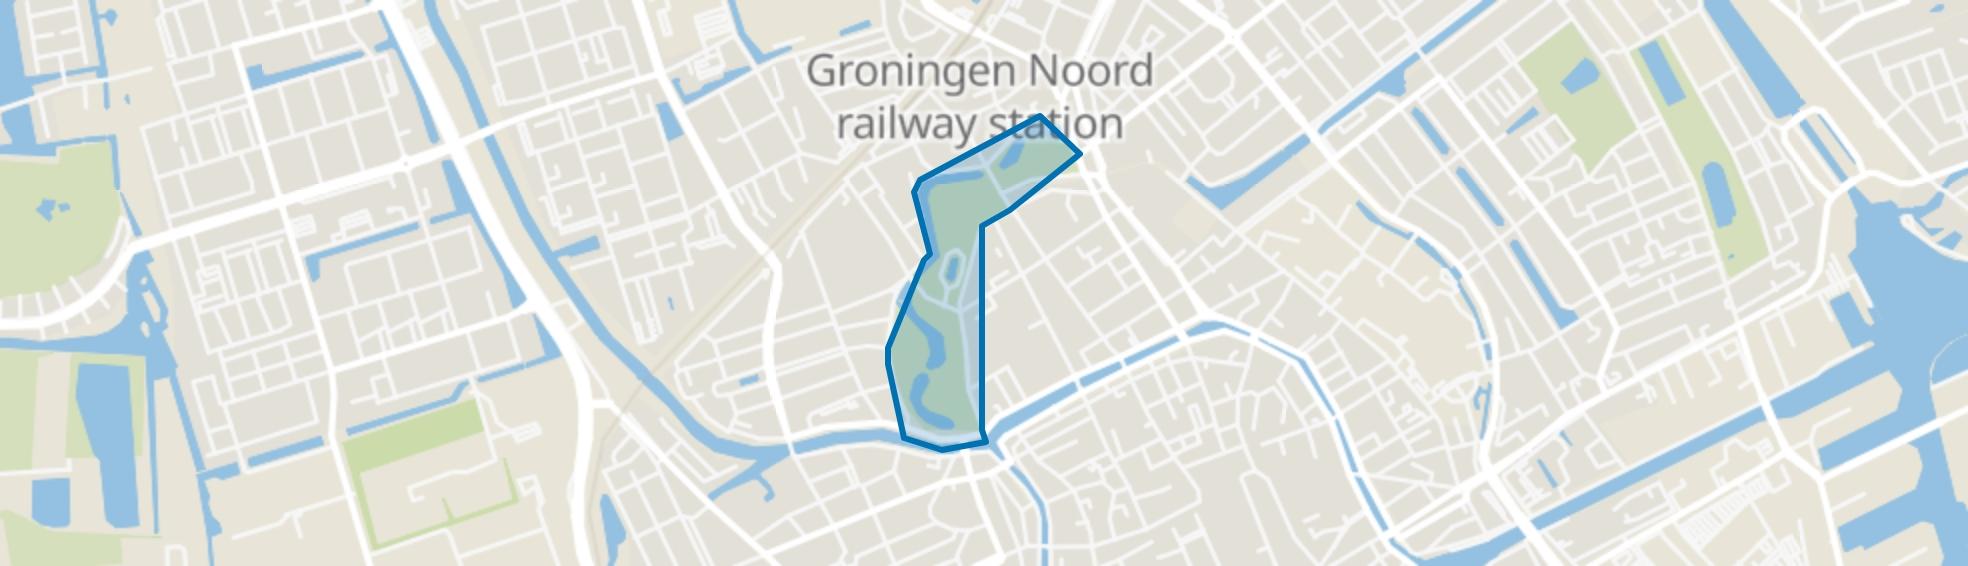 Noorderplantsoen, Groningen map